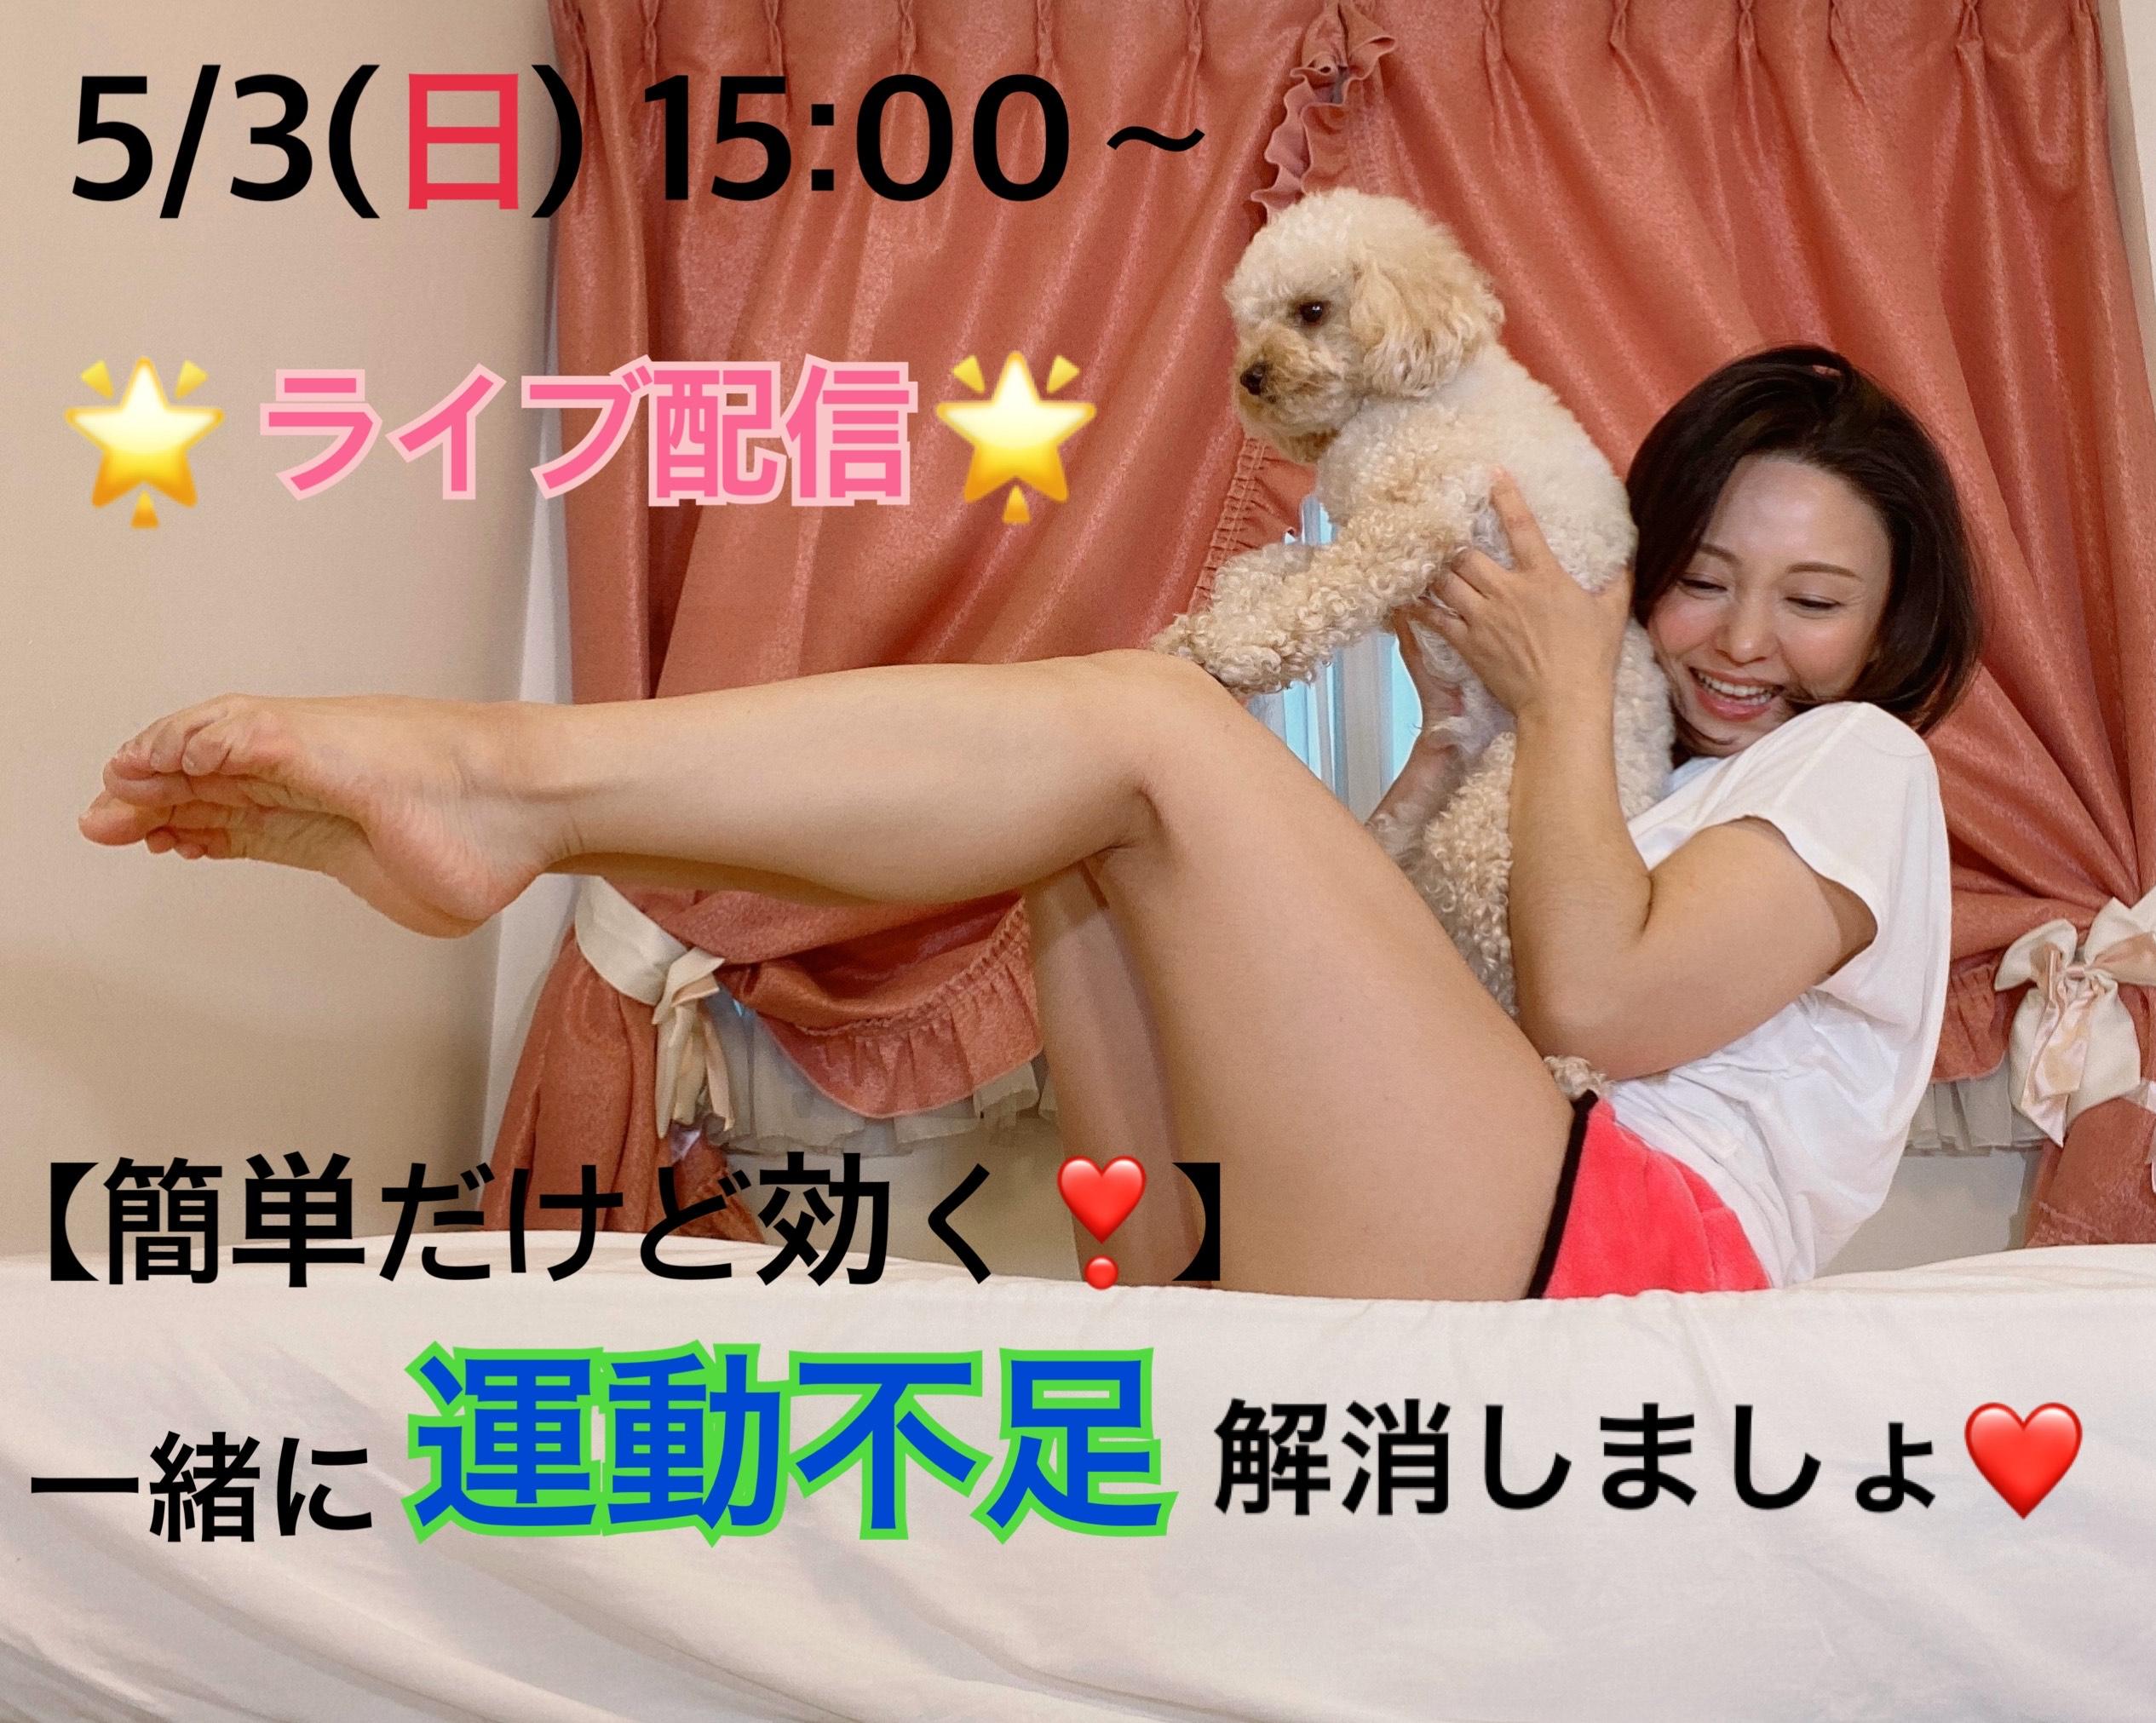 【5/3(日)15:00~】綾瀬麻衣子のYouTubeのライブ配信ですよ♥【一緒に運動編】